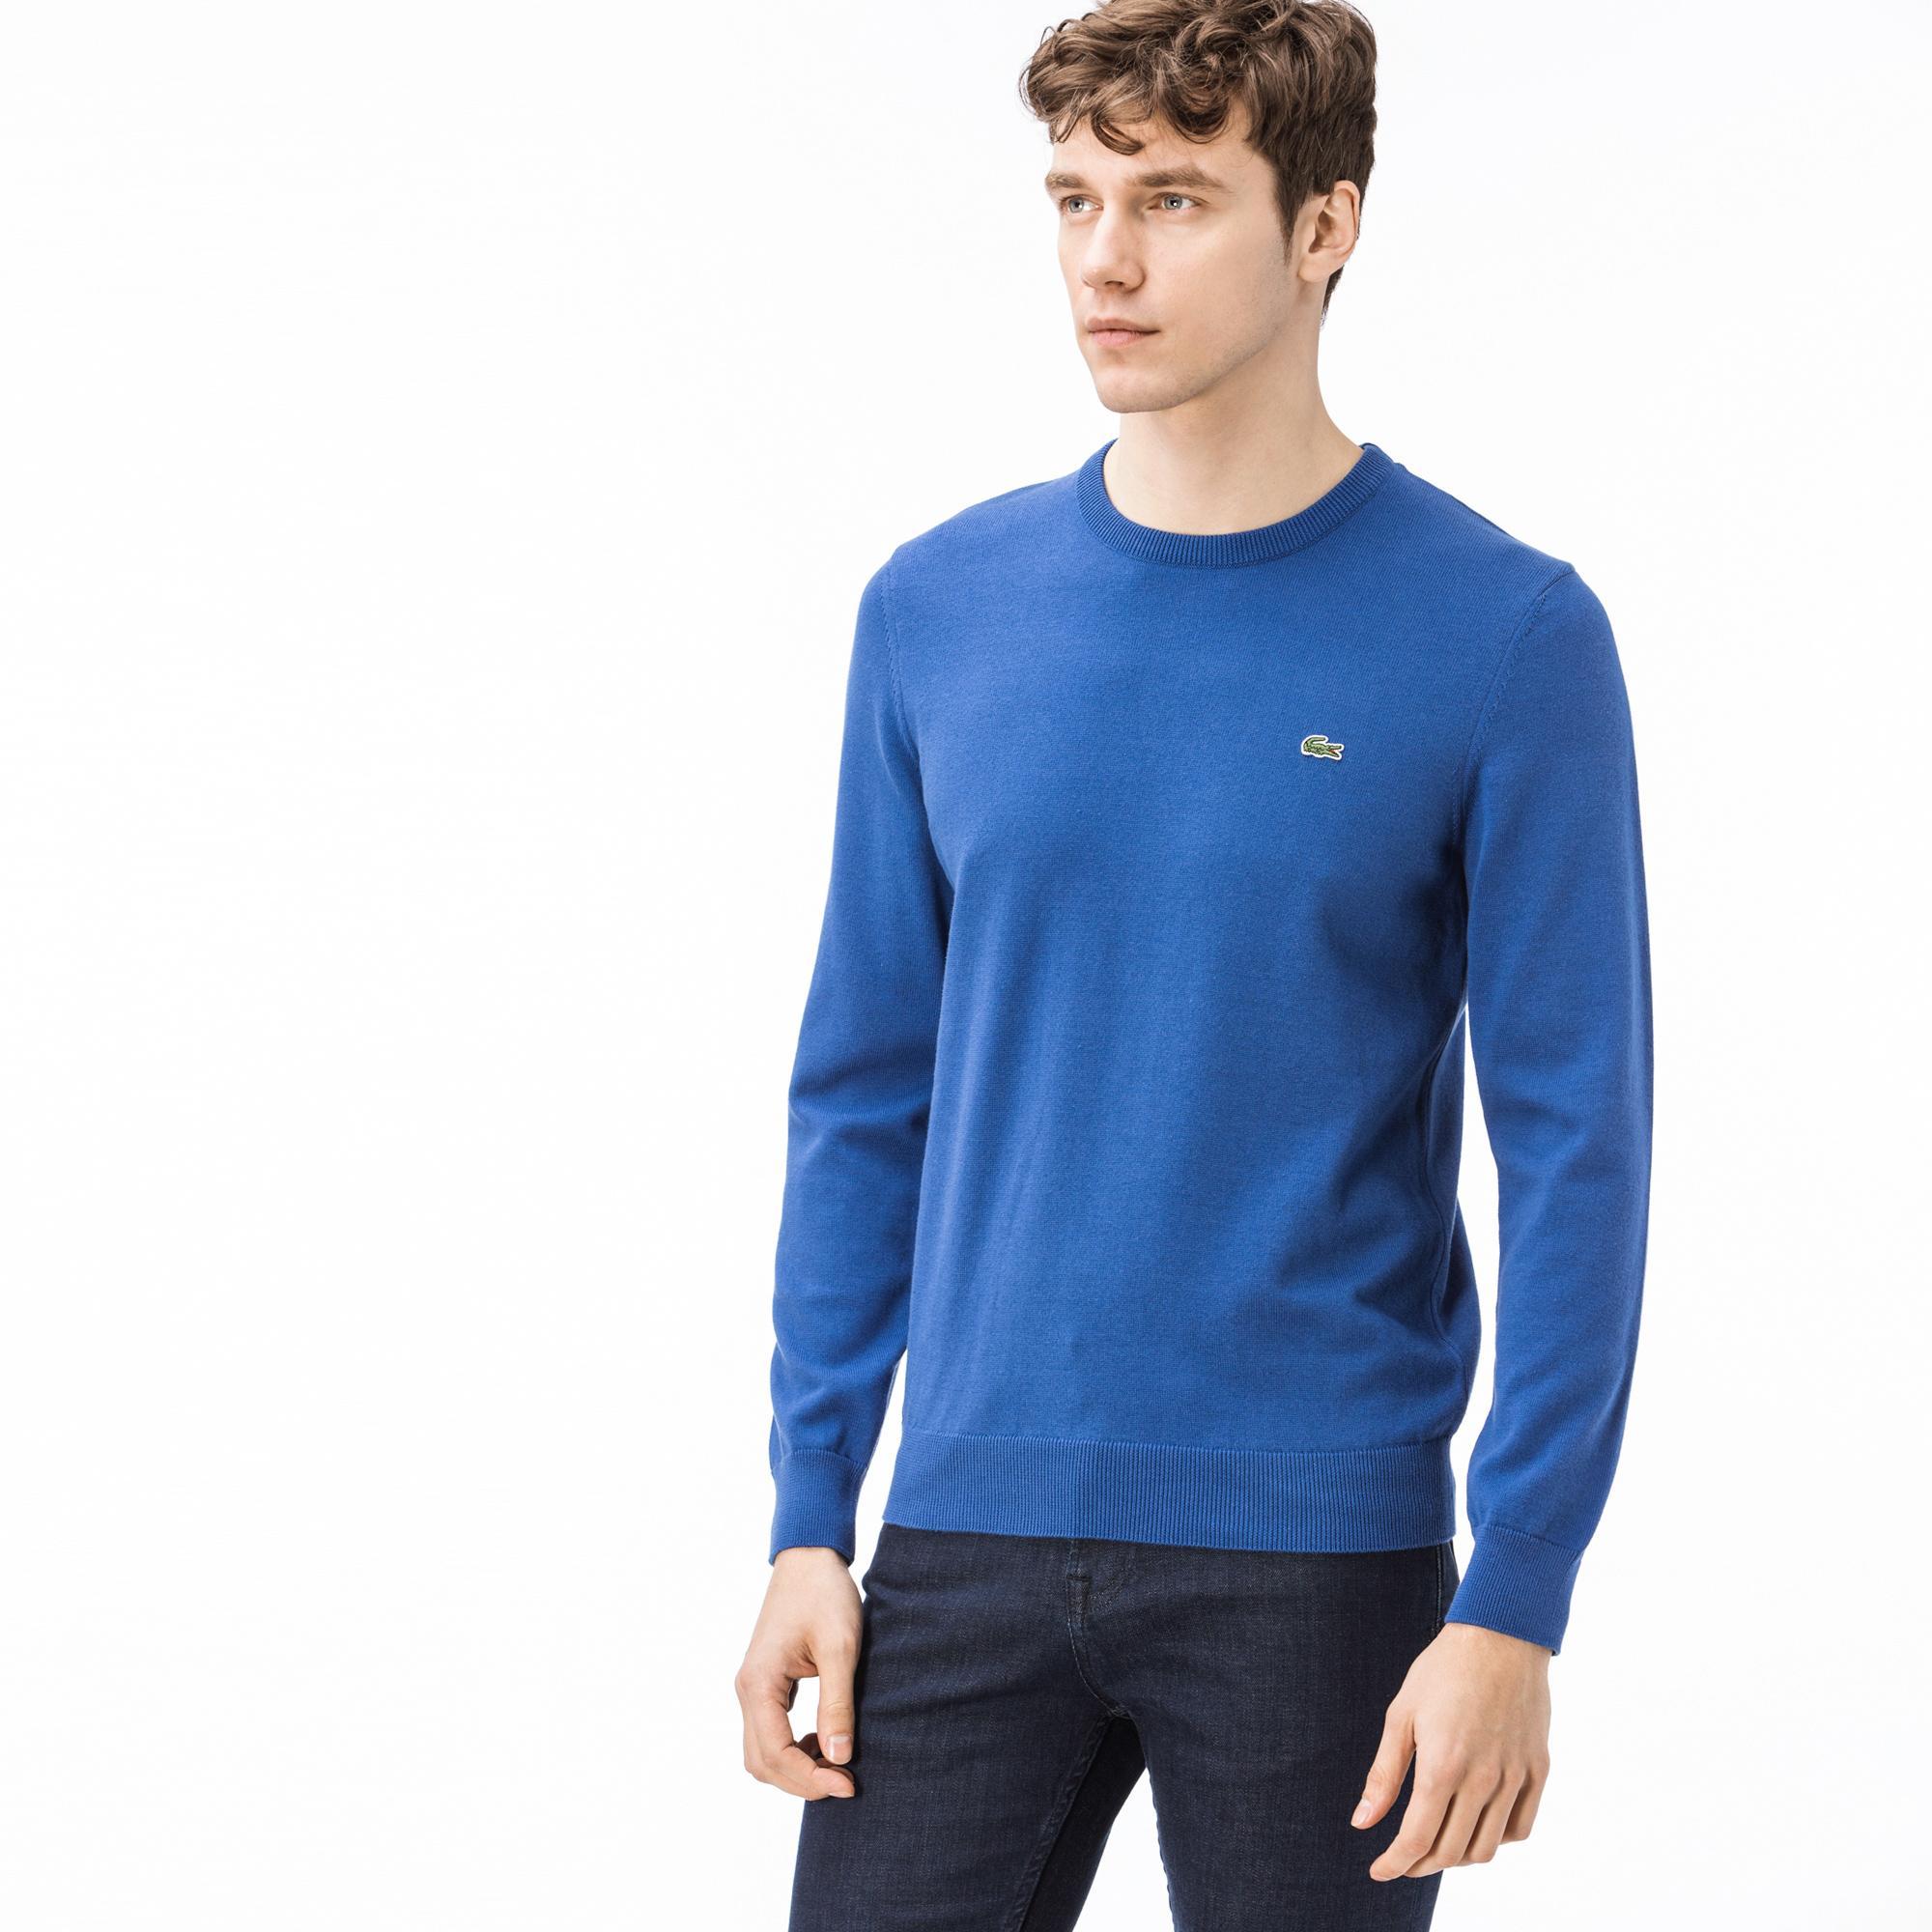 Lacoste Męski Sweter Bawełniany Z Dżerseju Z Akcentem Z Piki O Strukturze Kawioru Z Okrągłym Dekoltem